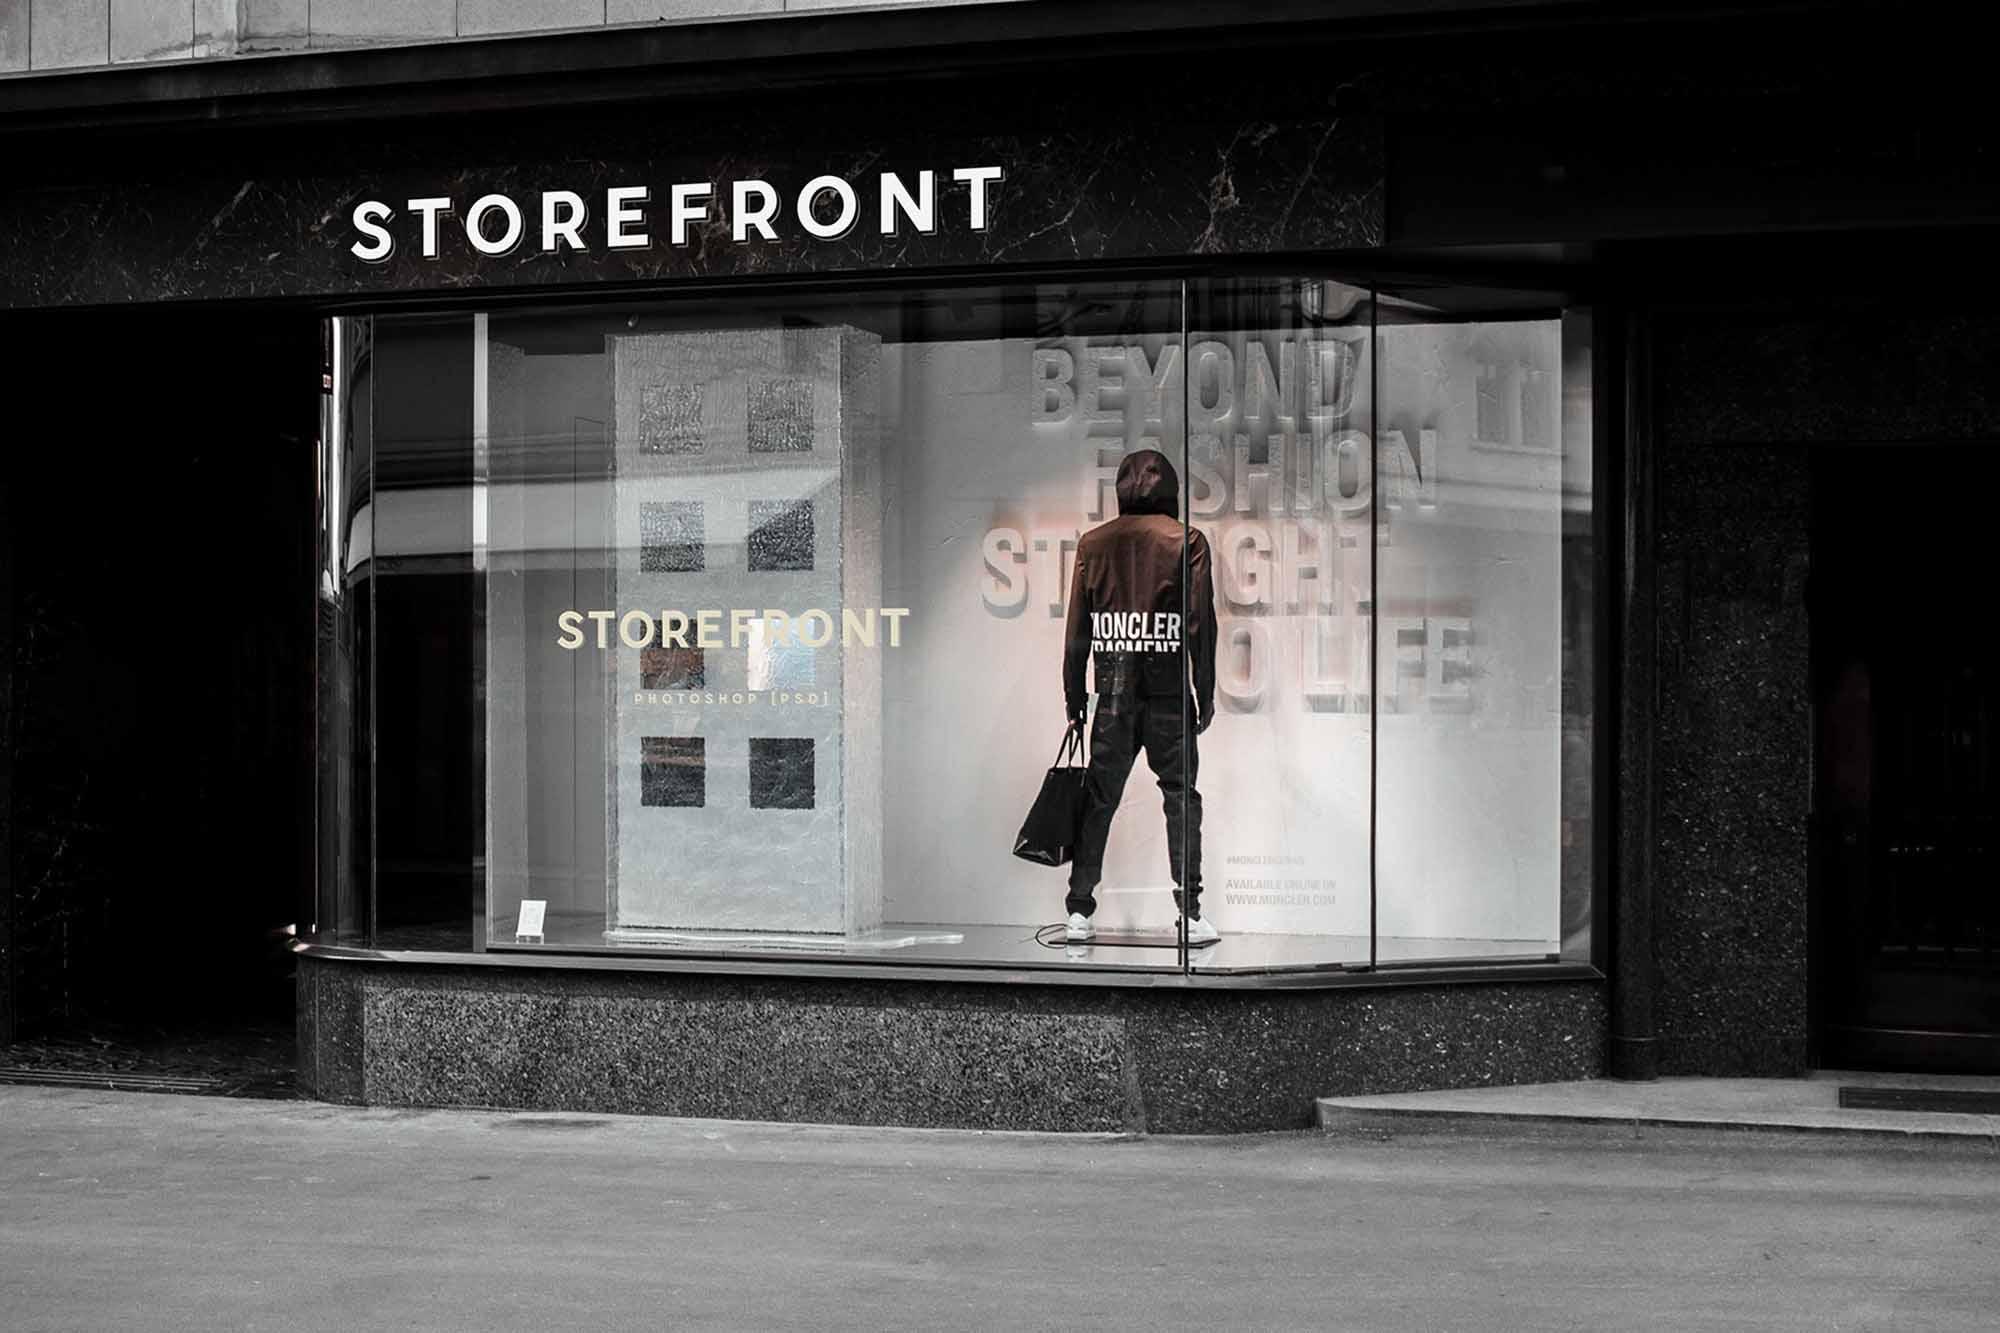 Fashion Storefront Mockup